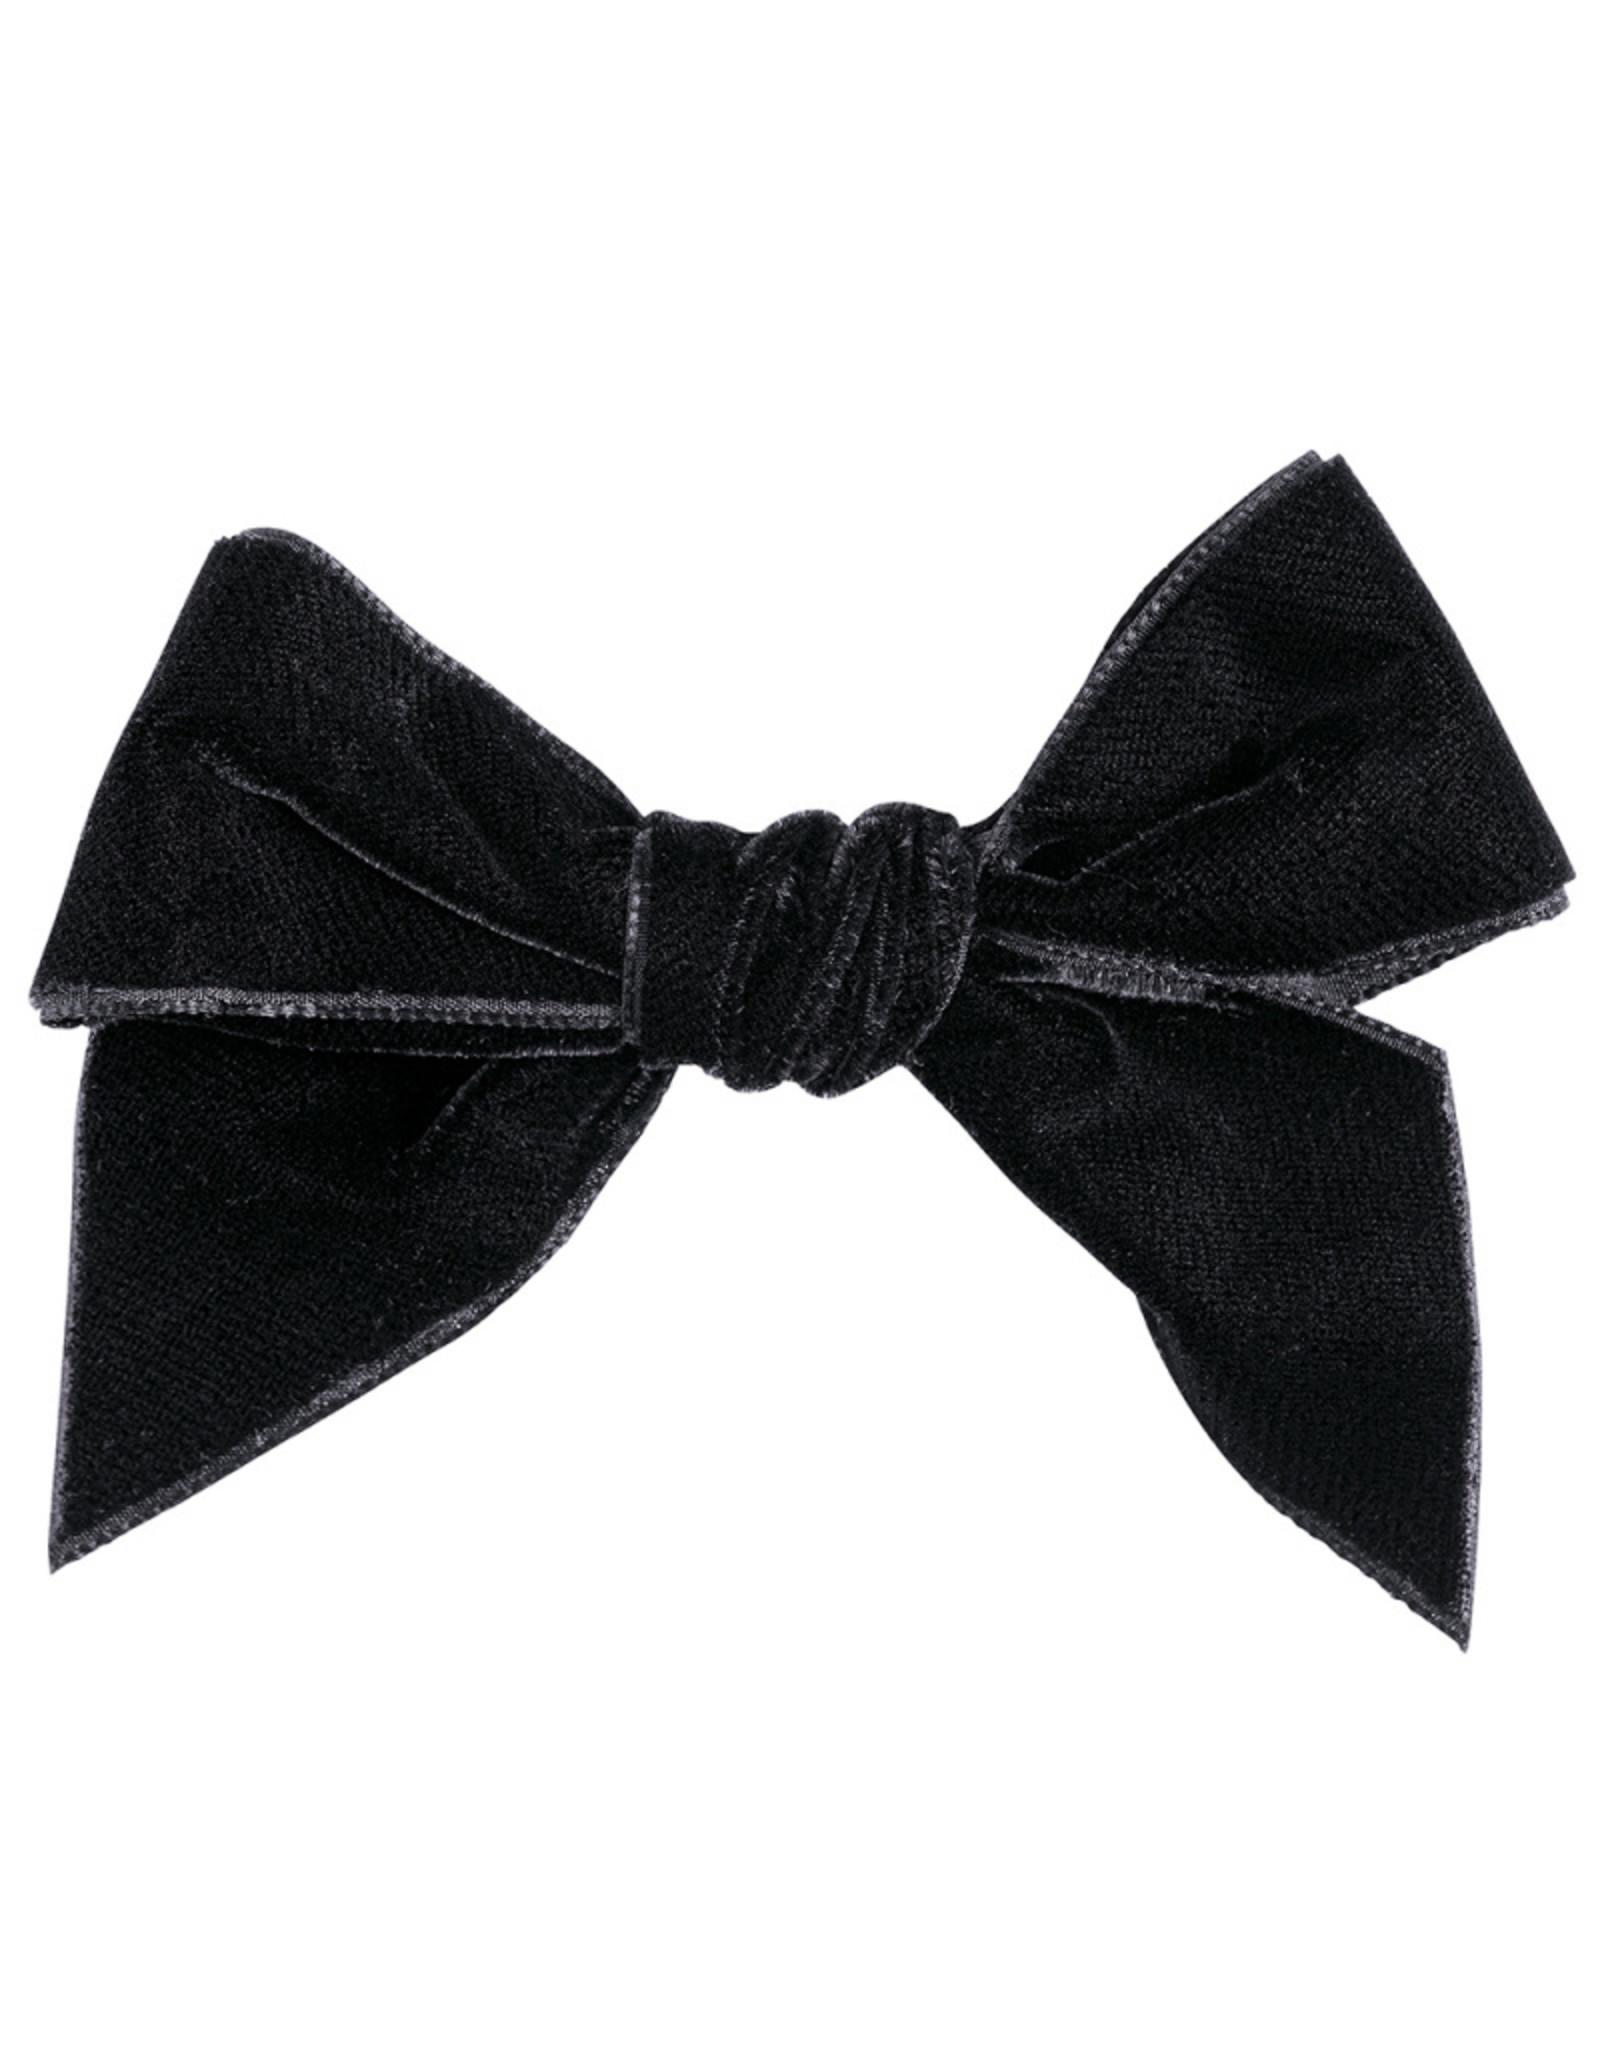 CONDOR Black Velvet Hair Bow